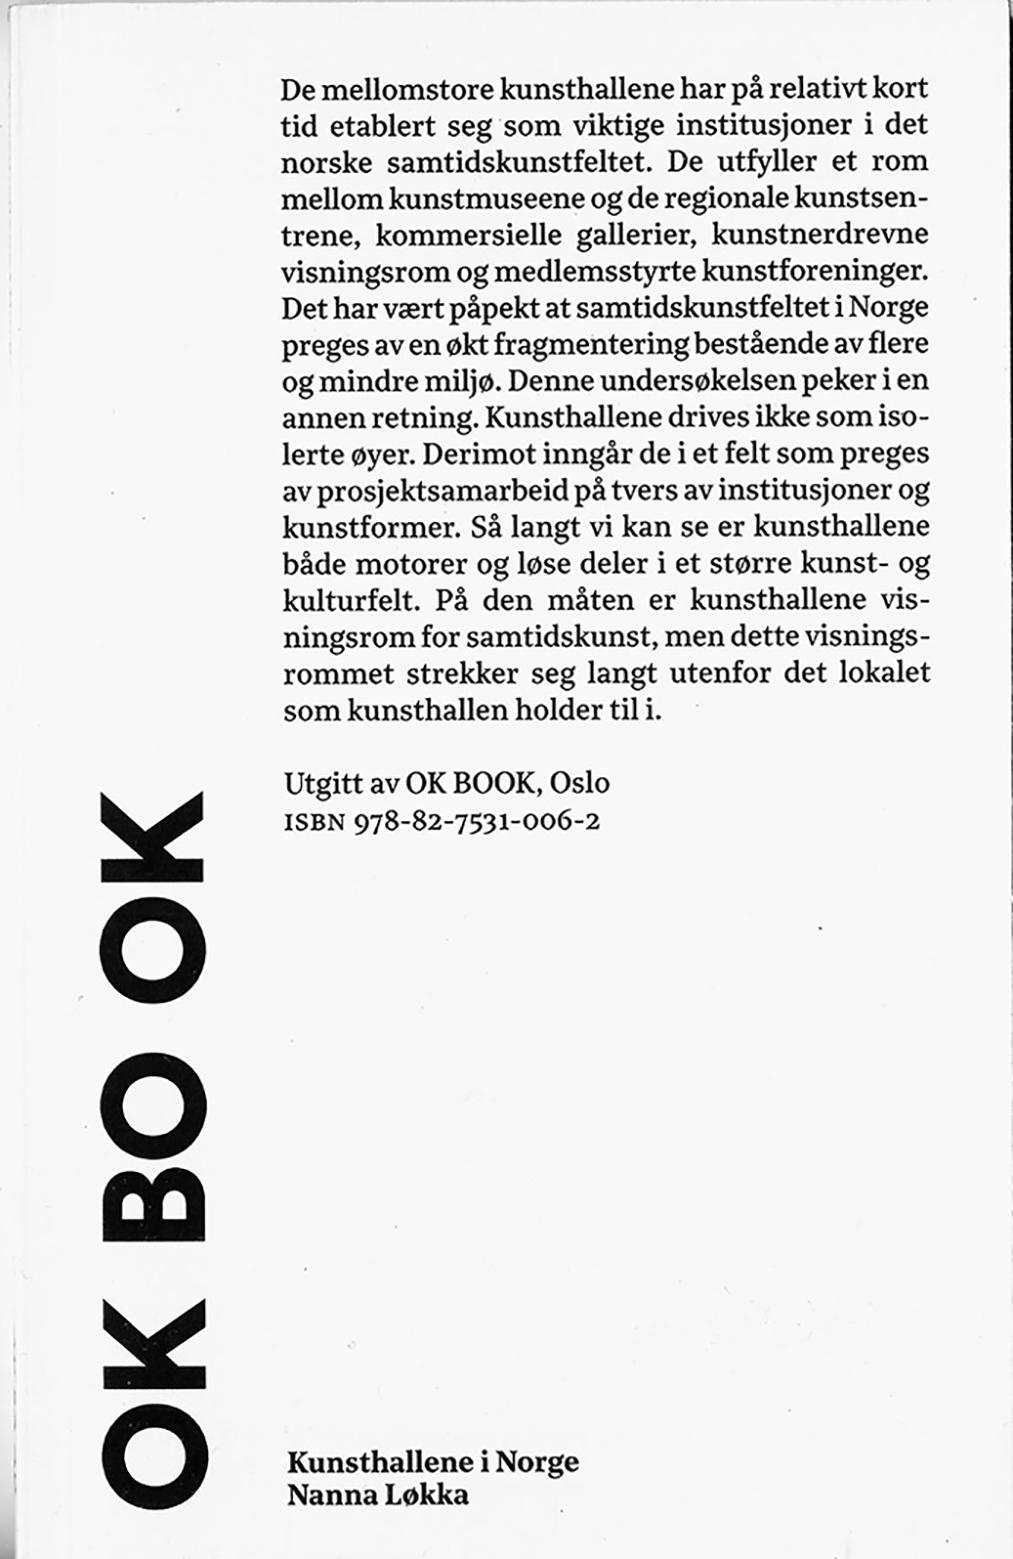 OK BOOK Kunsthallene I Norge